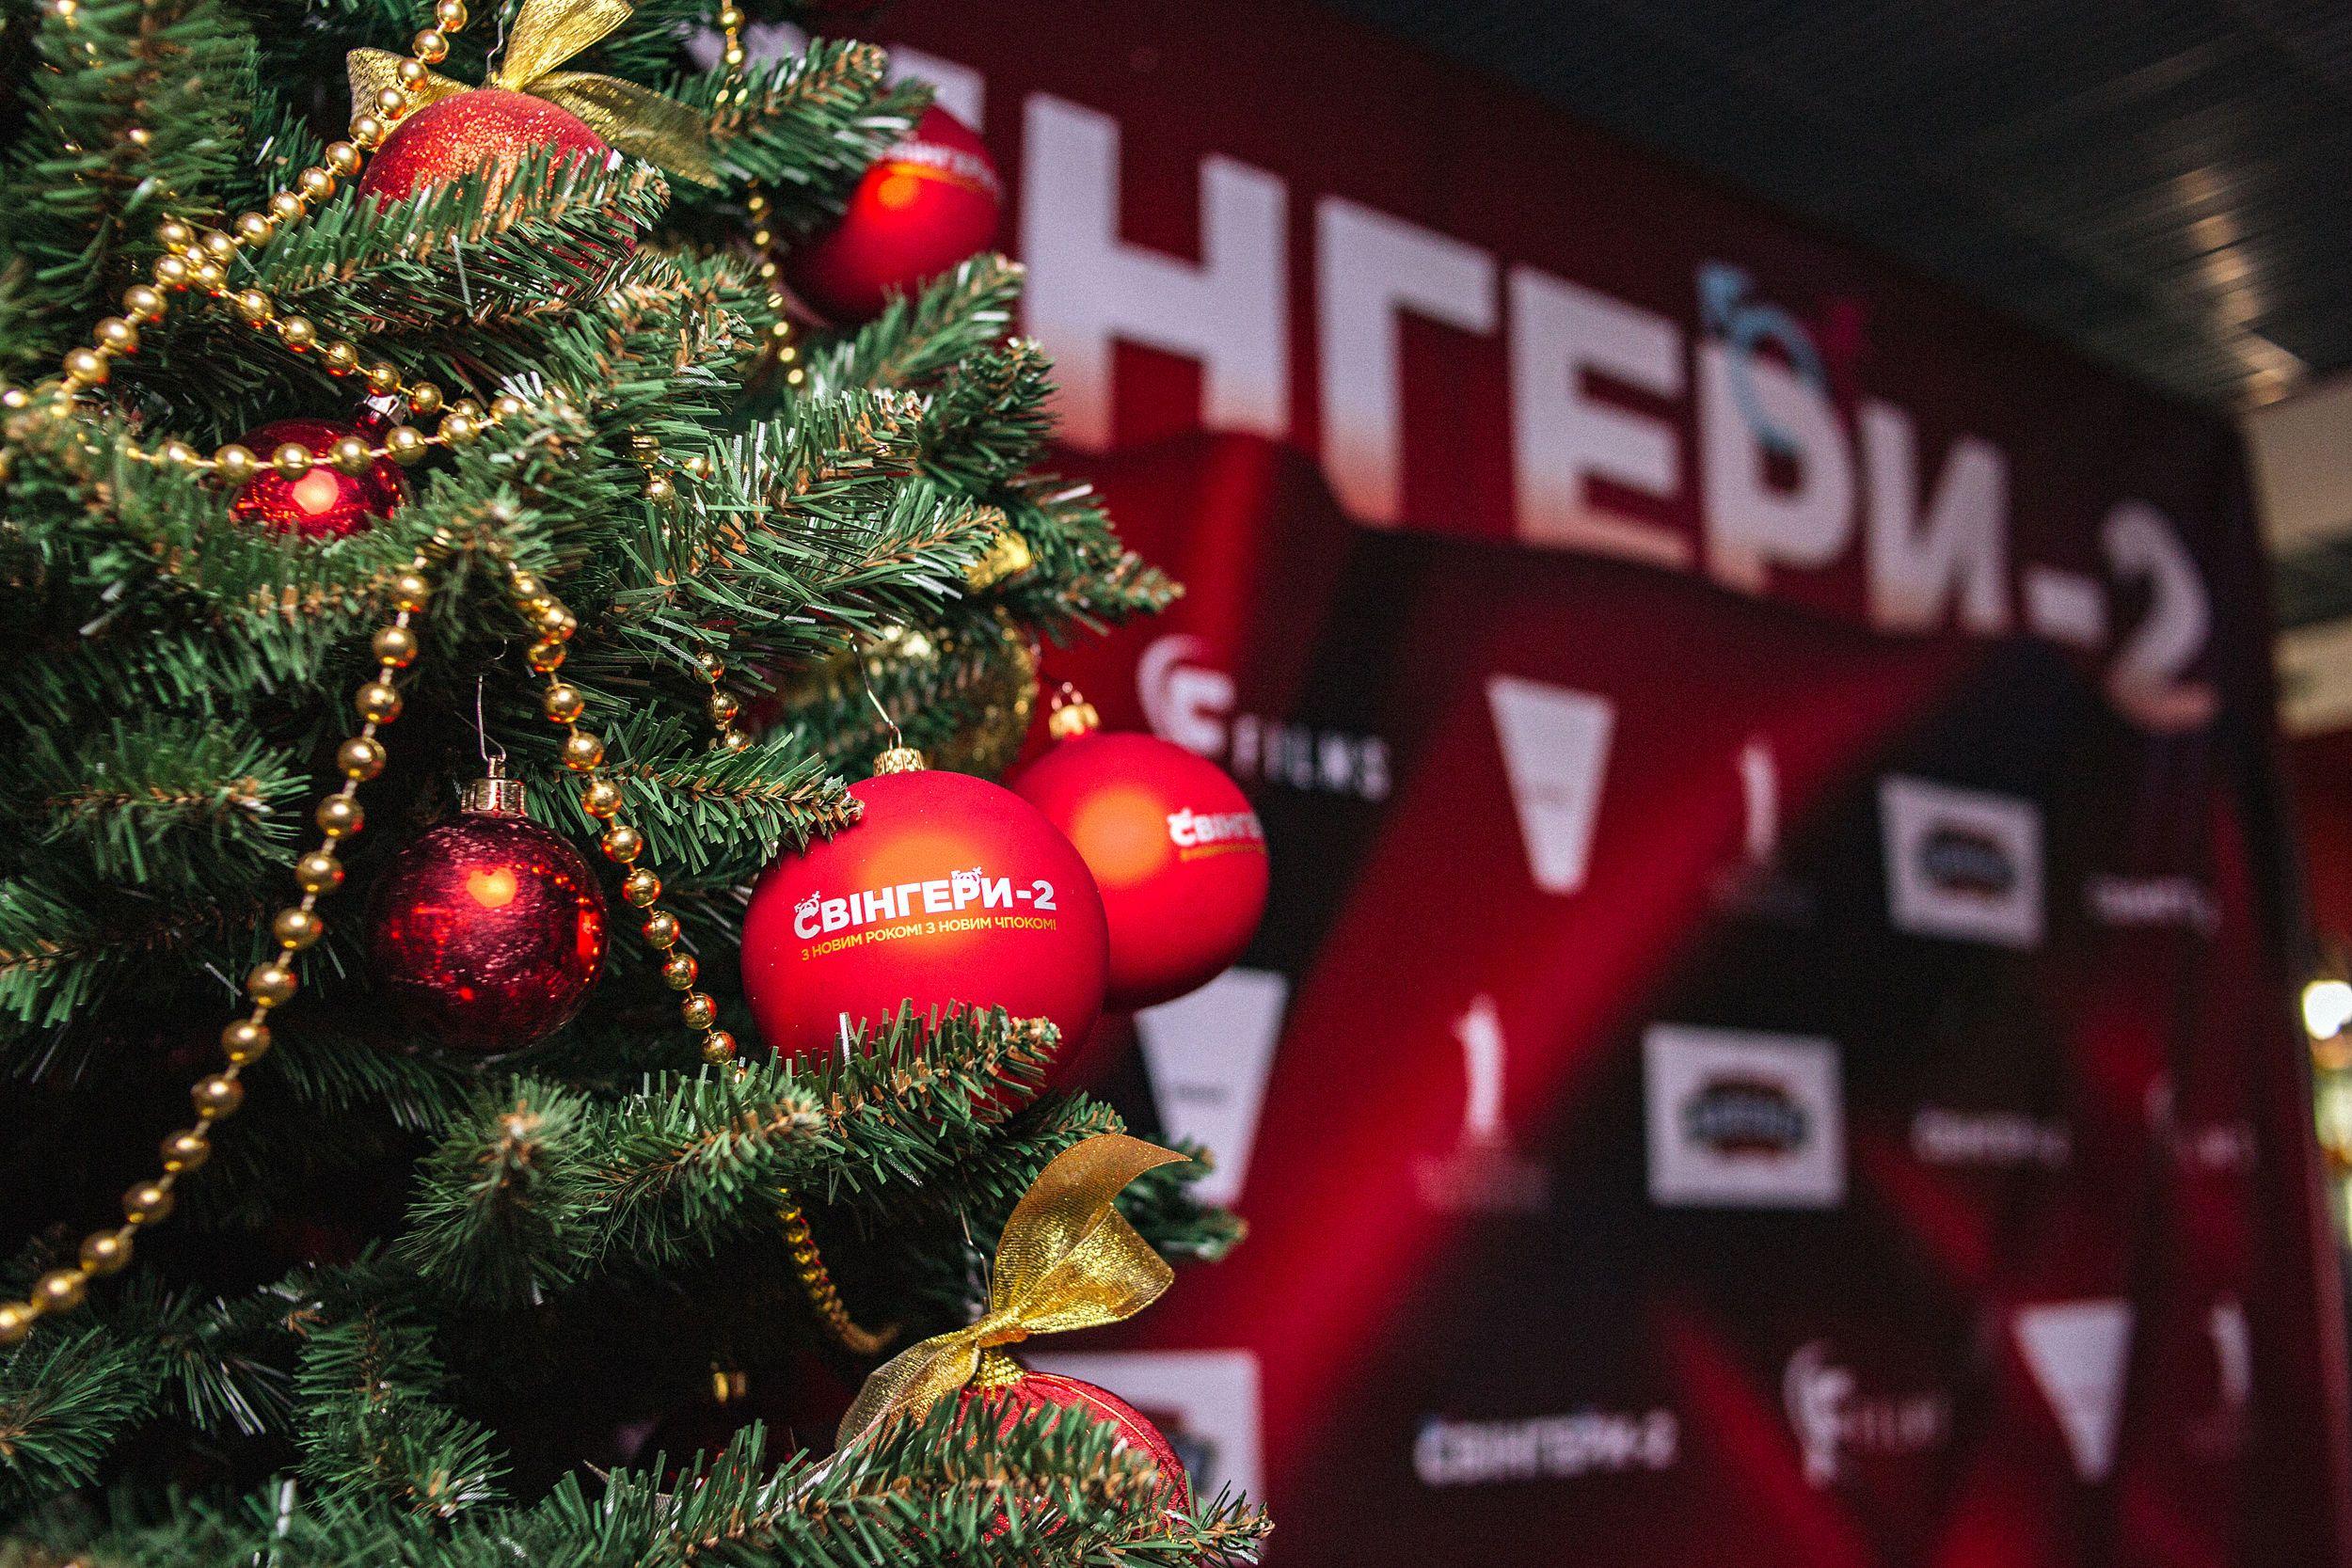 """Презентація """"Свінгери-2"""" в Одесі_2"""